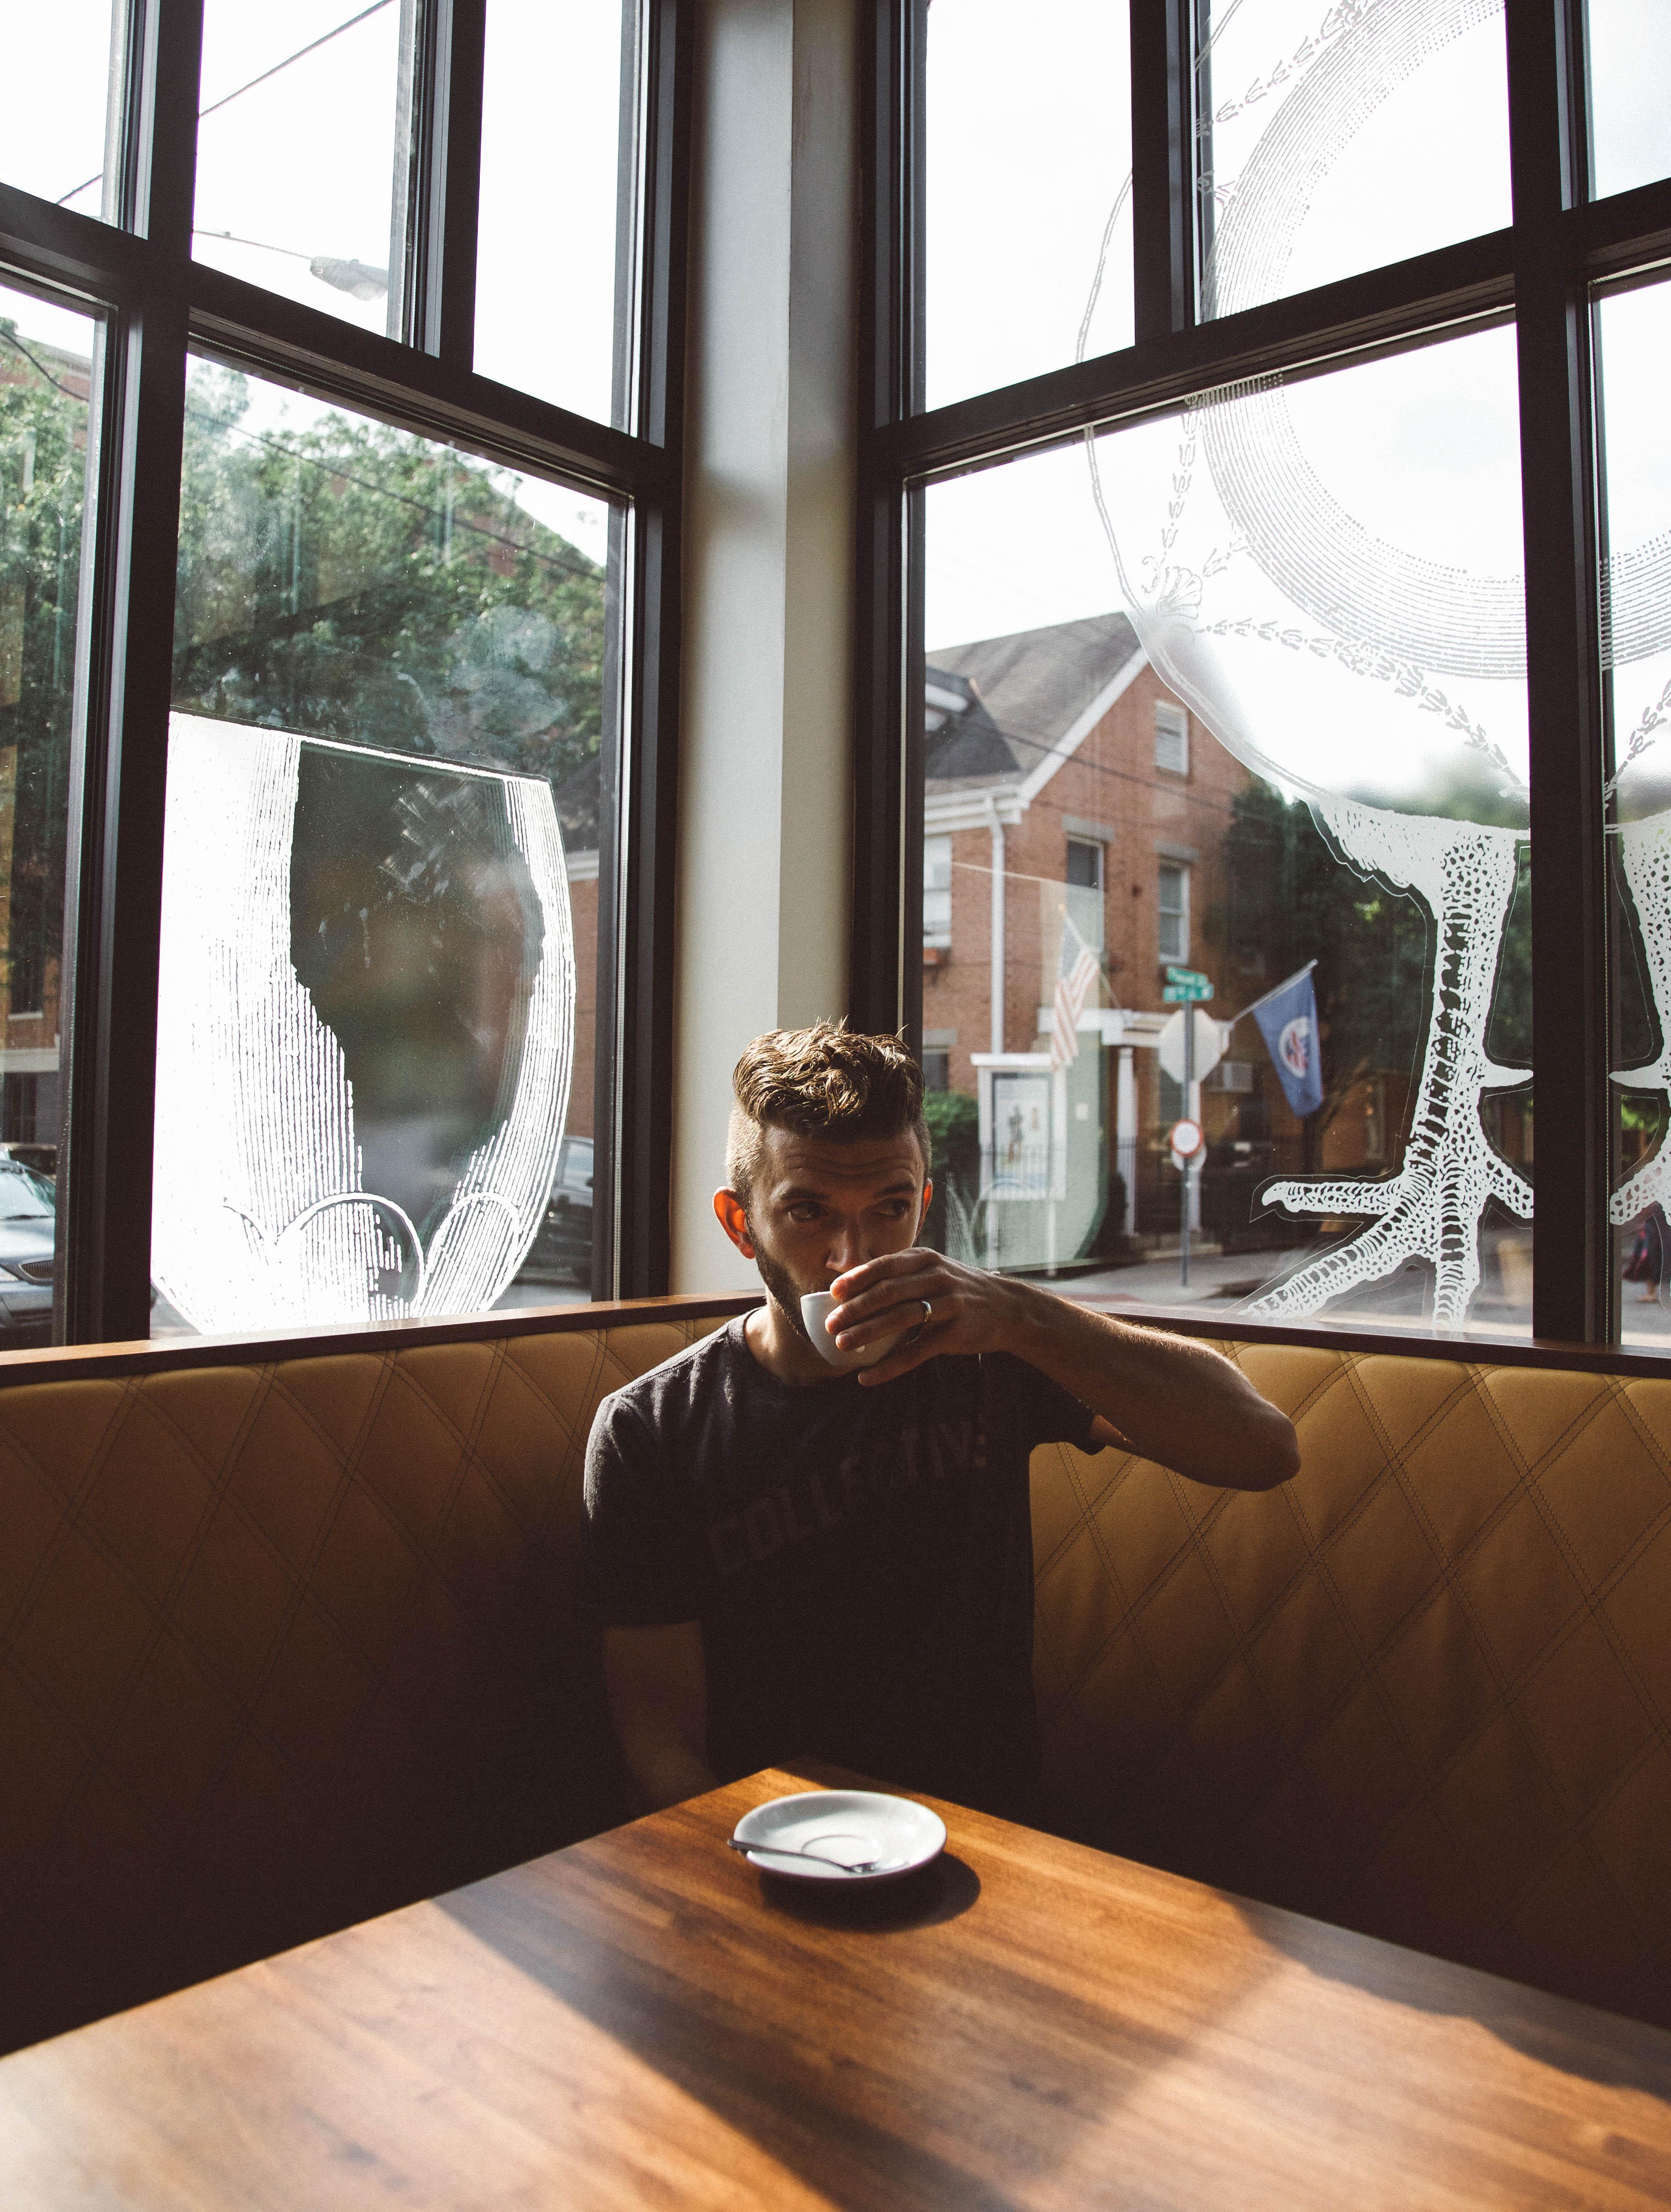 Bildet : Mann, bord, tre, hus, sete, glass, hjem, stue ...